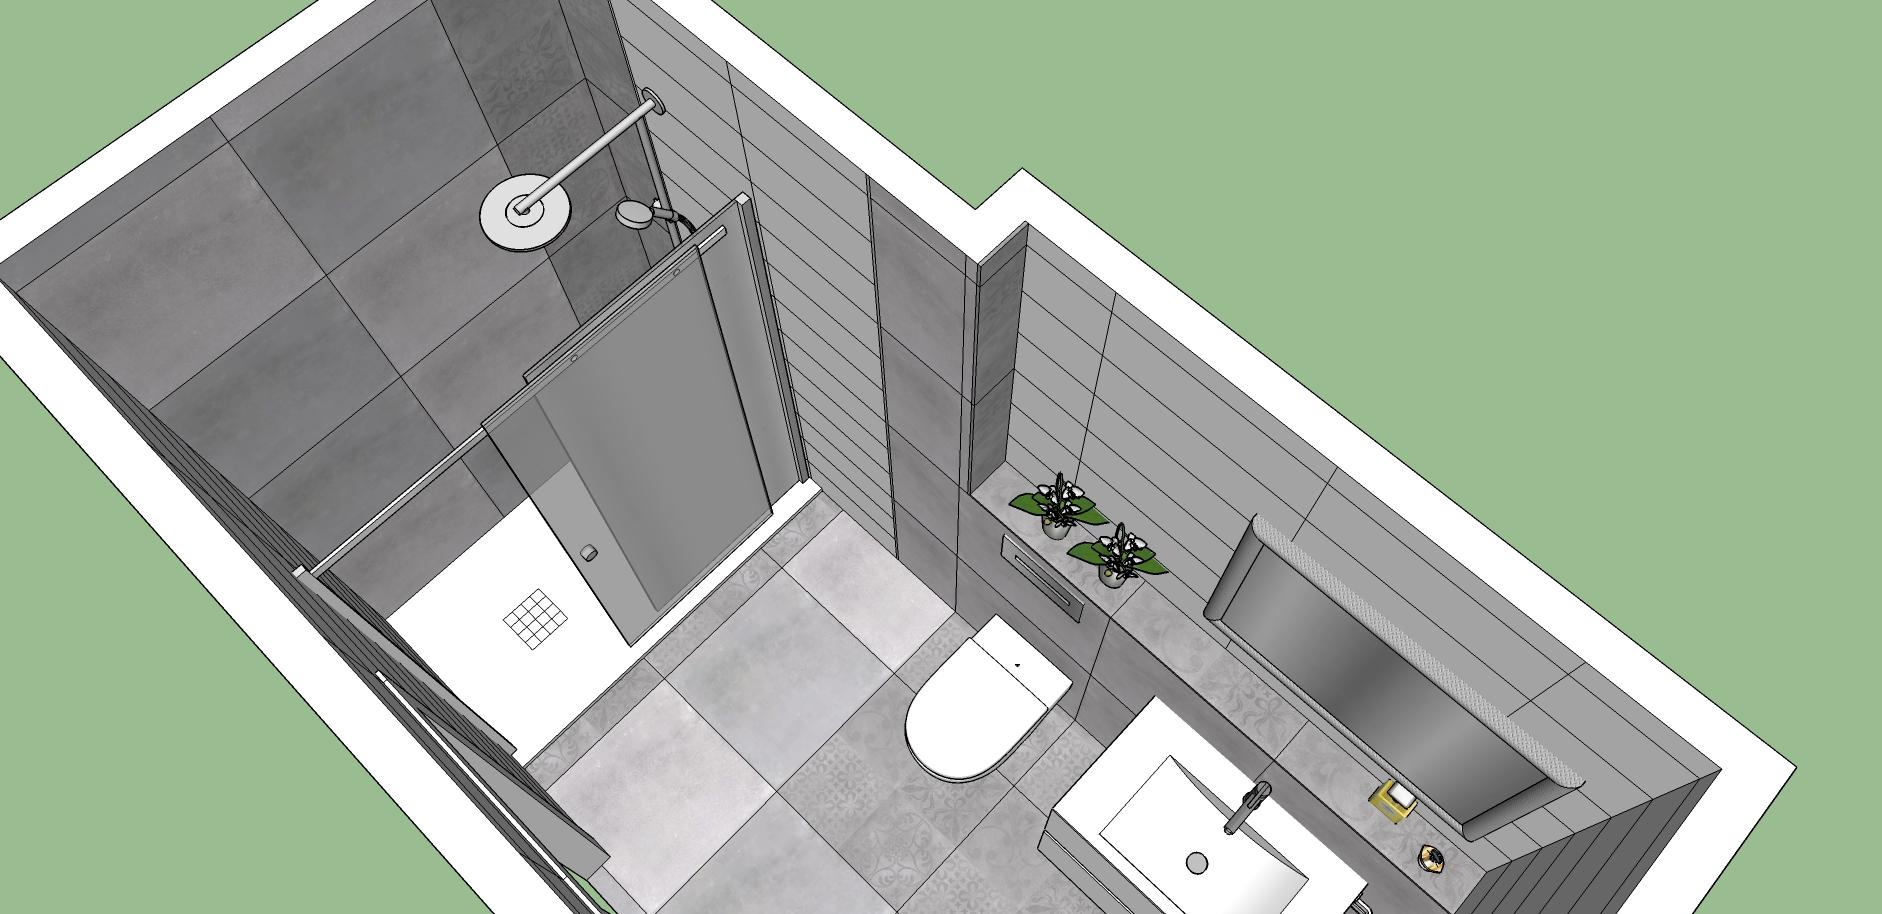 Proyecto 3D-Reforma integral-reforma-coruña-cambio bañera por plato de ducha-contratista-empresa-de-reformas-renueve su casa-reforma baño-reforma cocina-cocinas express_3